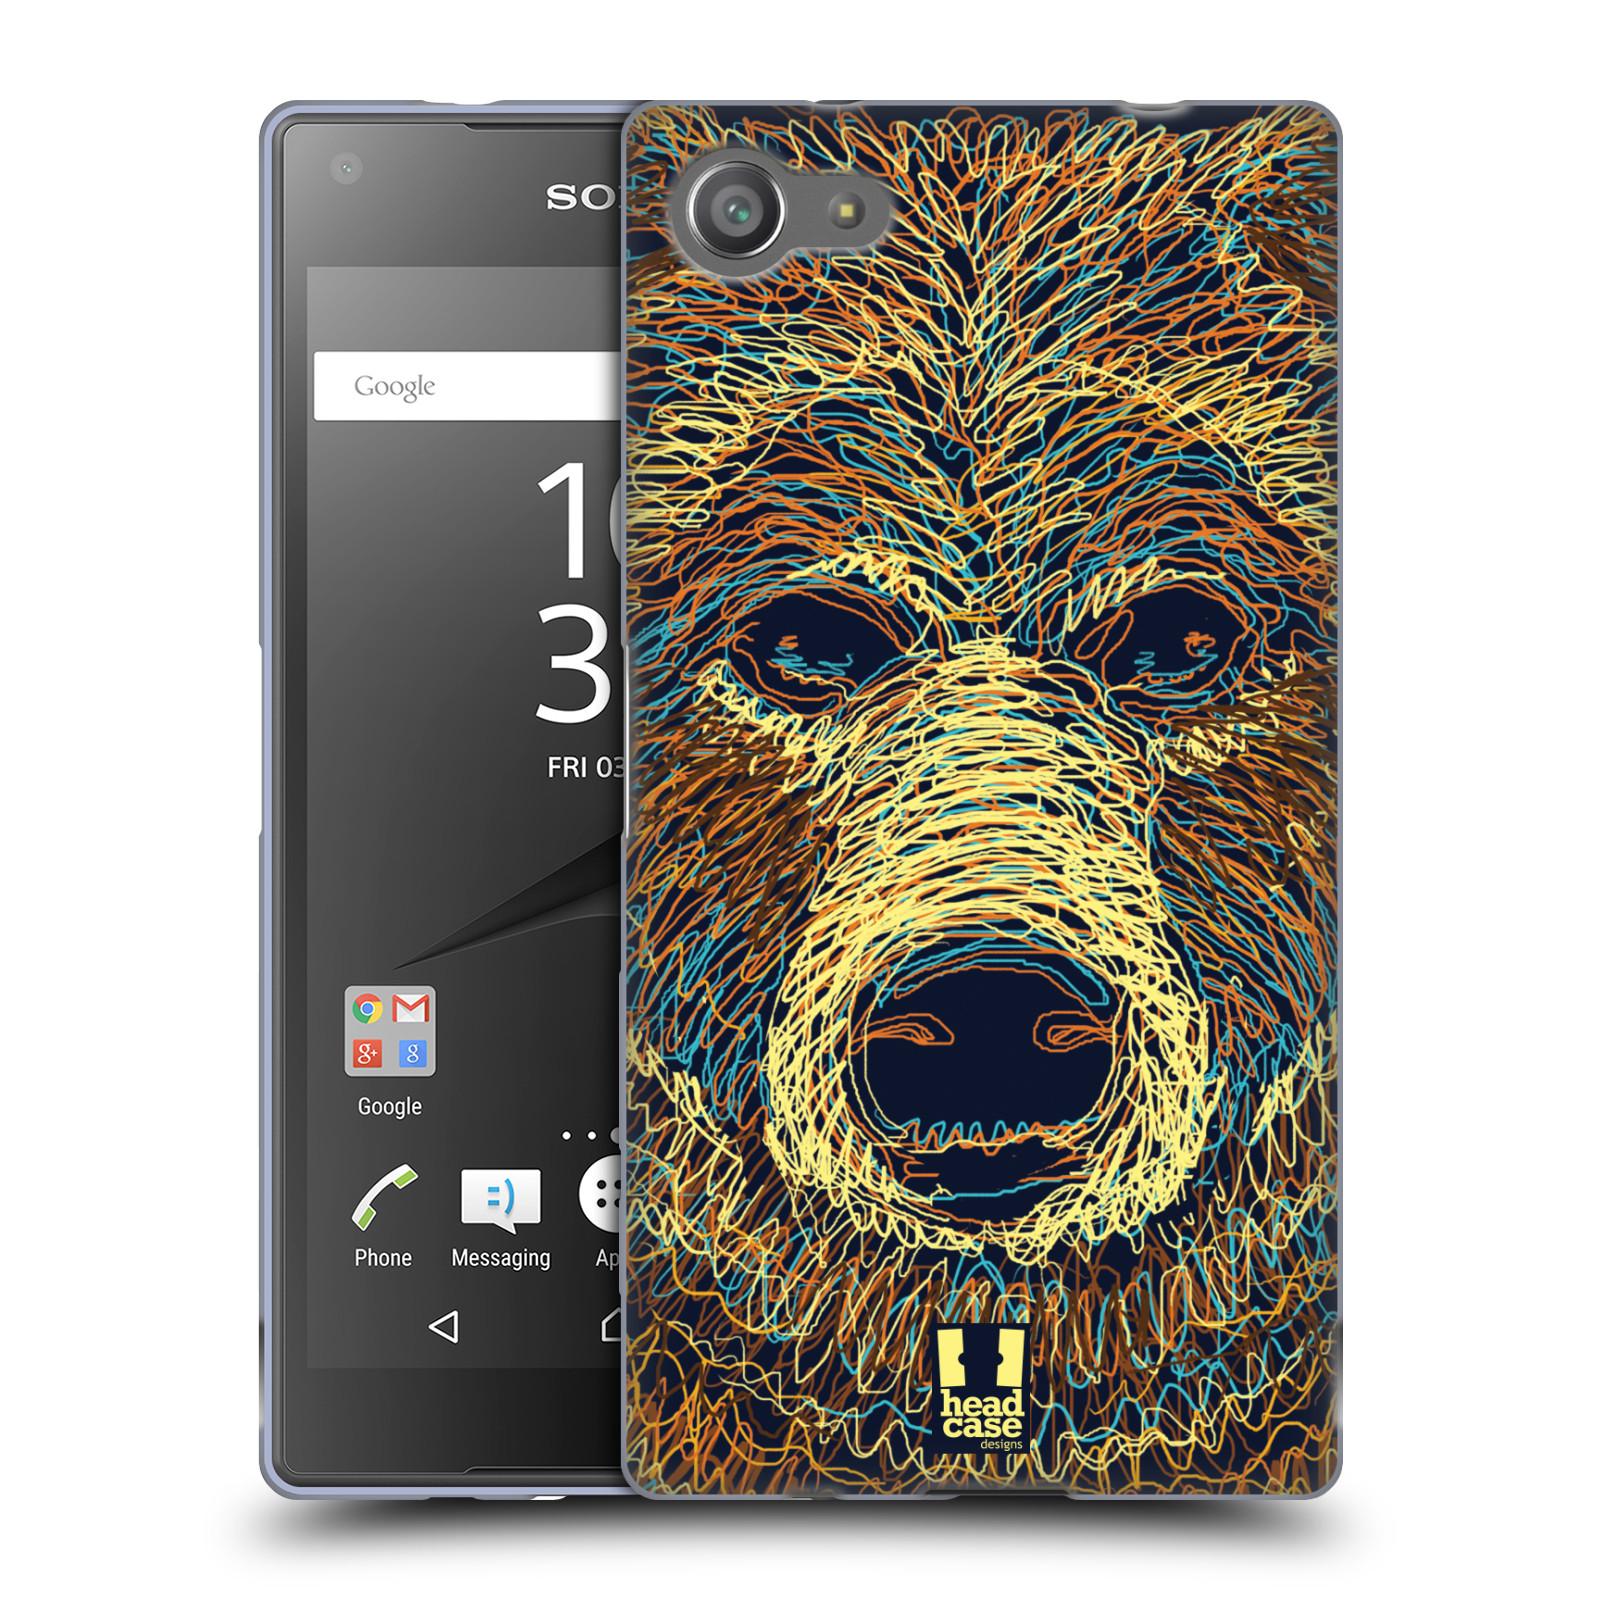 HEAD CASE silikonový obal na mobil Sony Xperia Z5 COMPACT vzor zvíře čmáranice medvěd